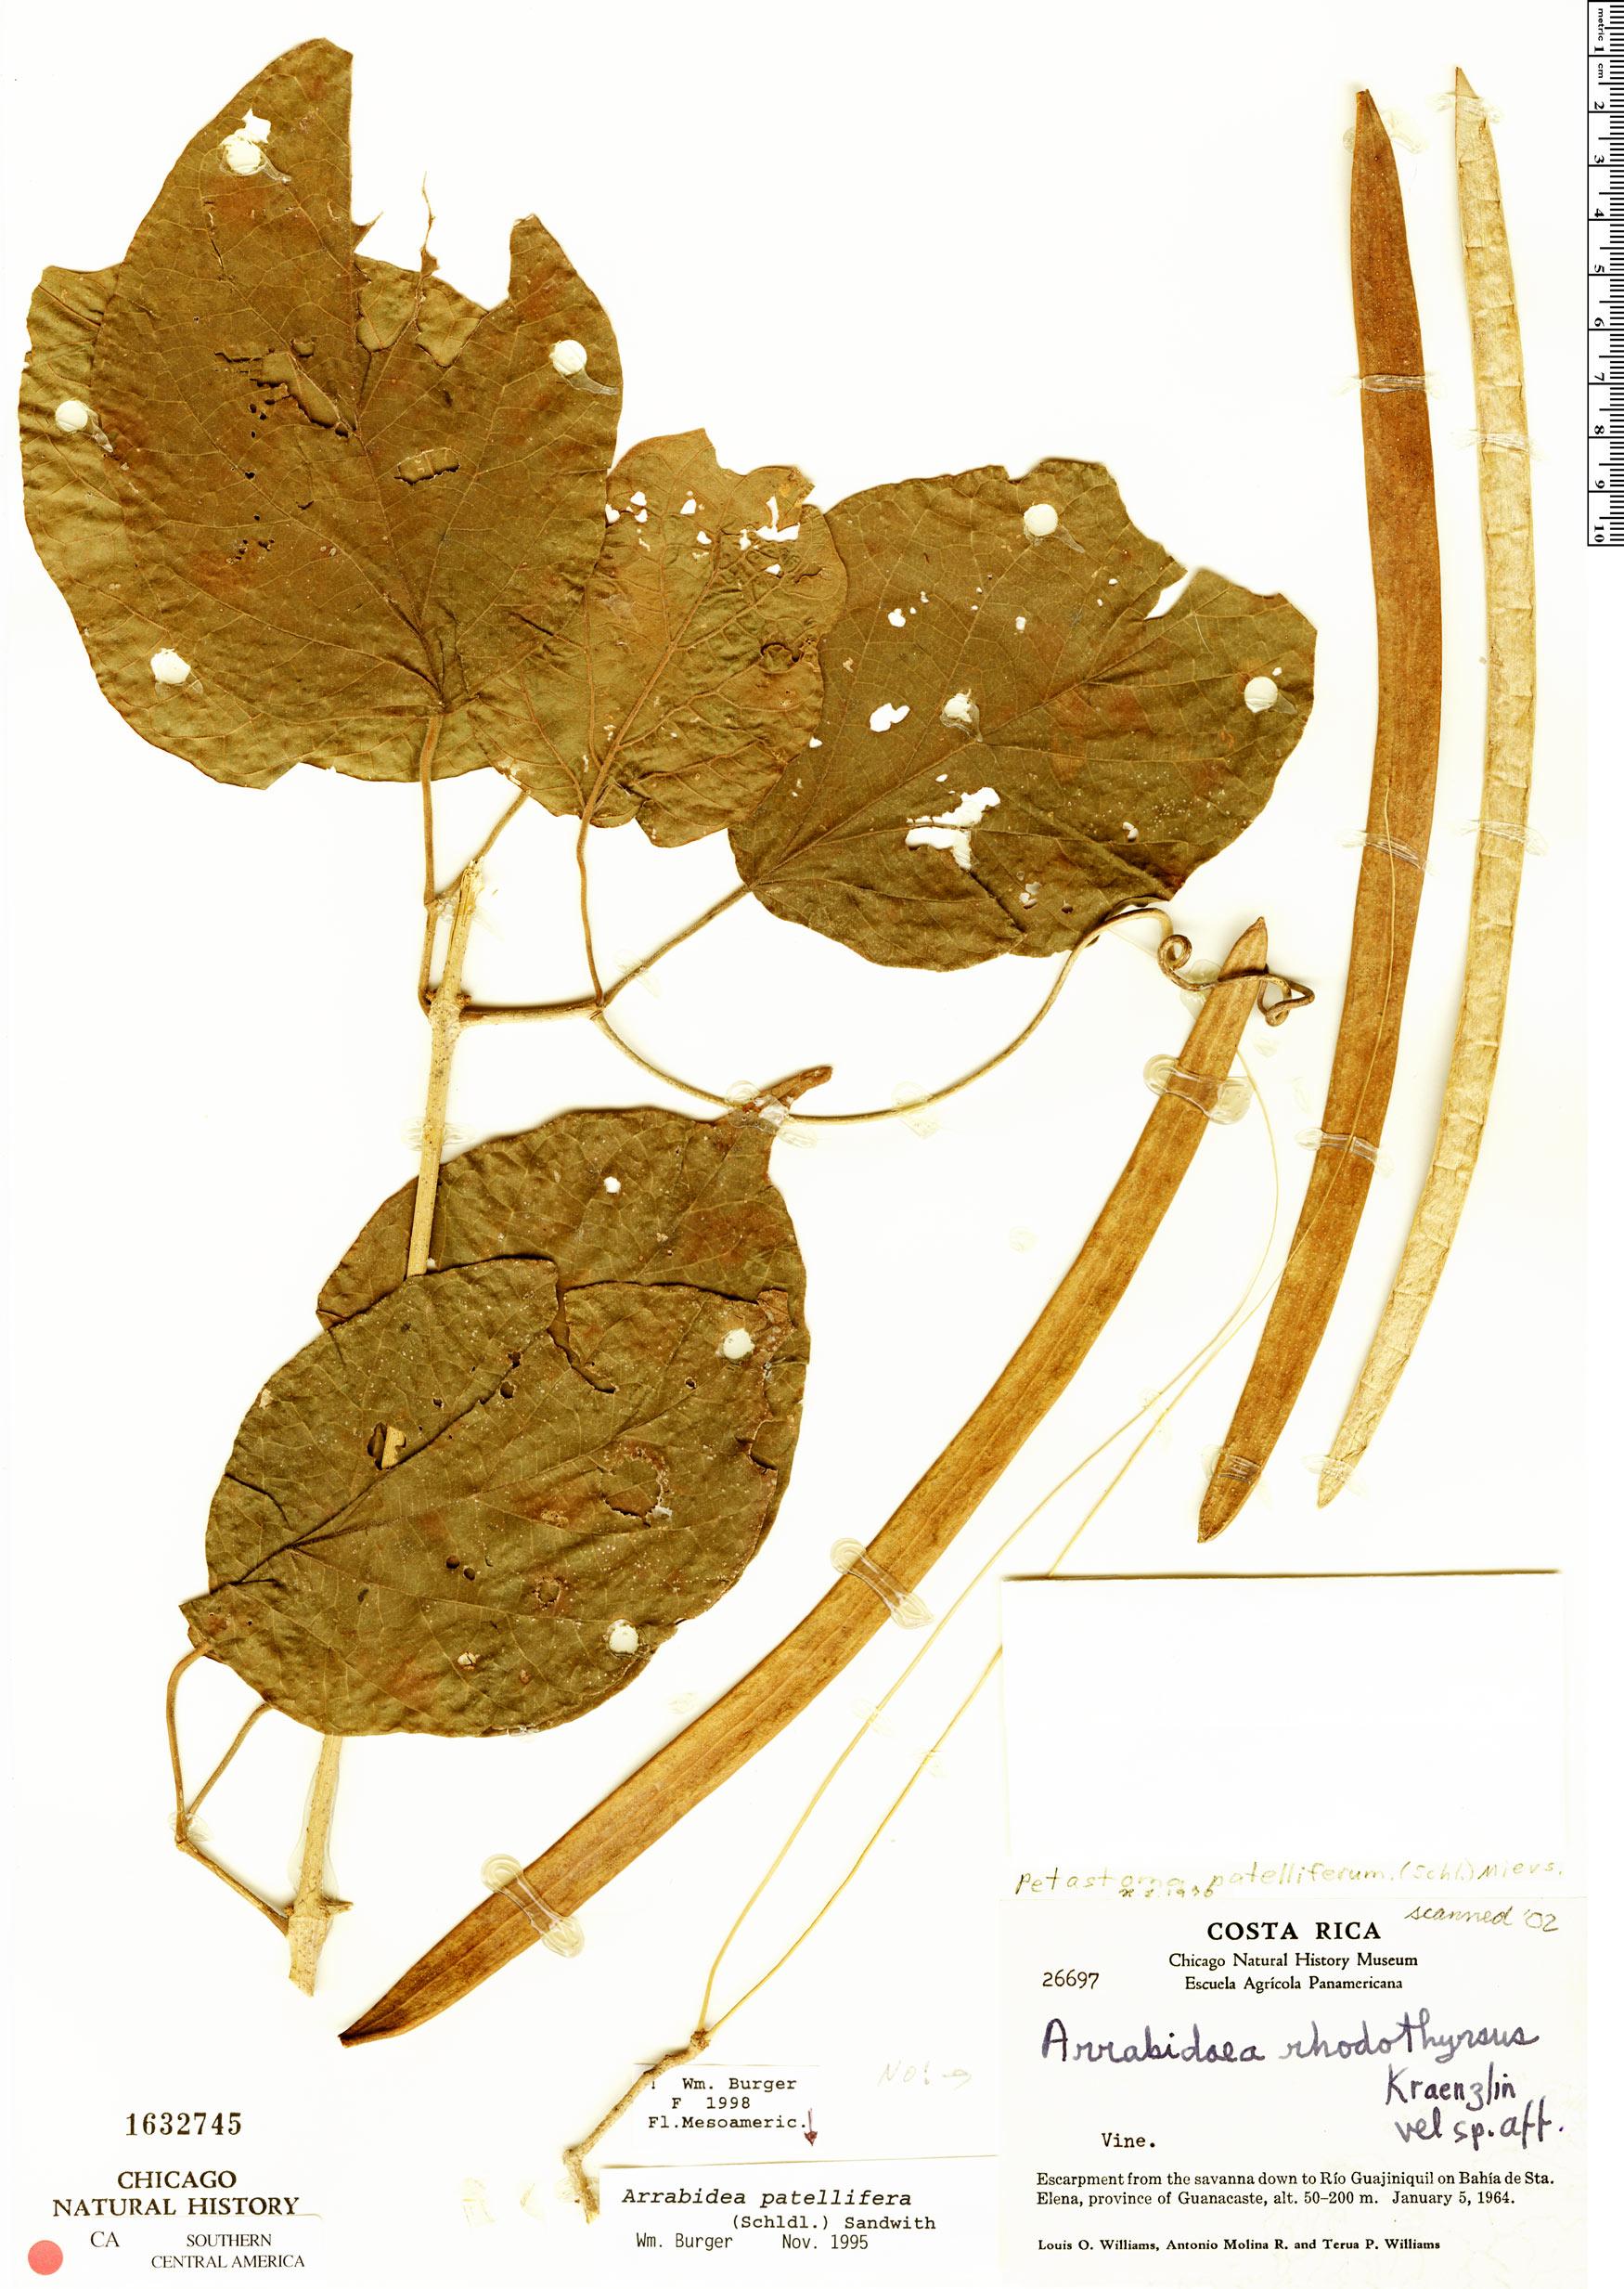 Specimen: Fridericia patellifera